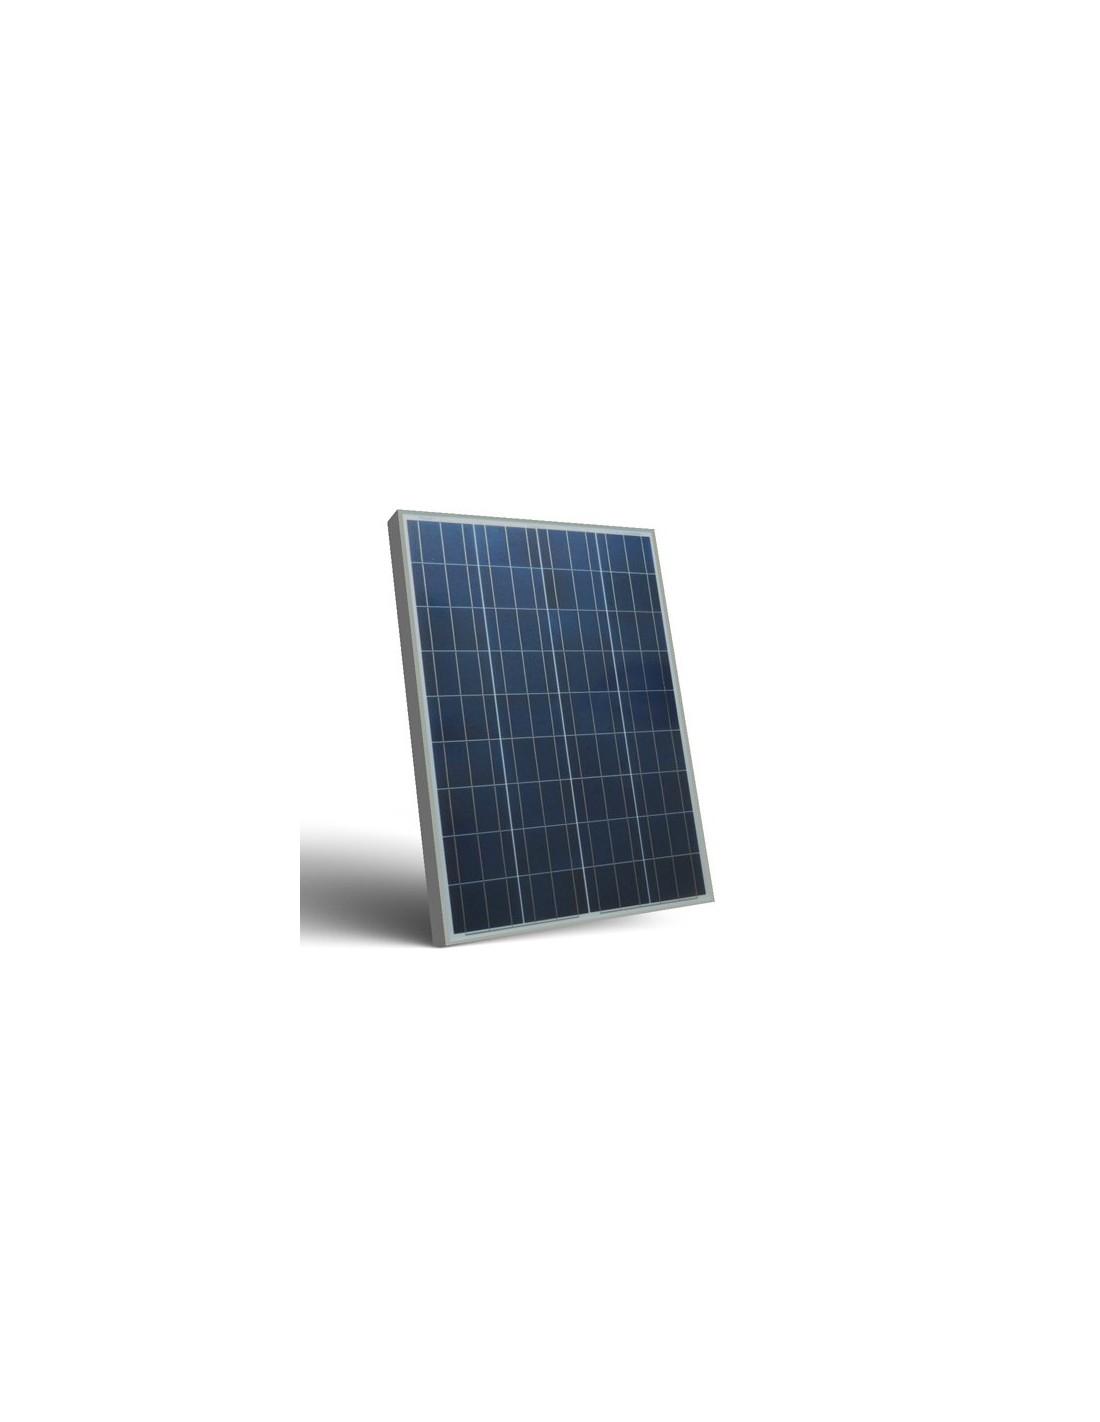 Pannello Solare Per Camper Prezzi : Pannello solare fotovoltaico w v policristallino